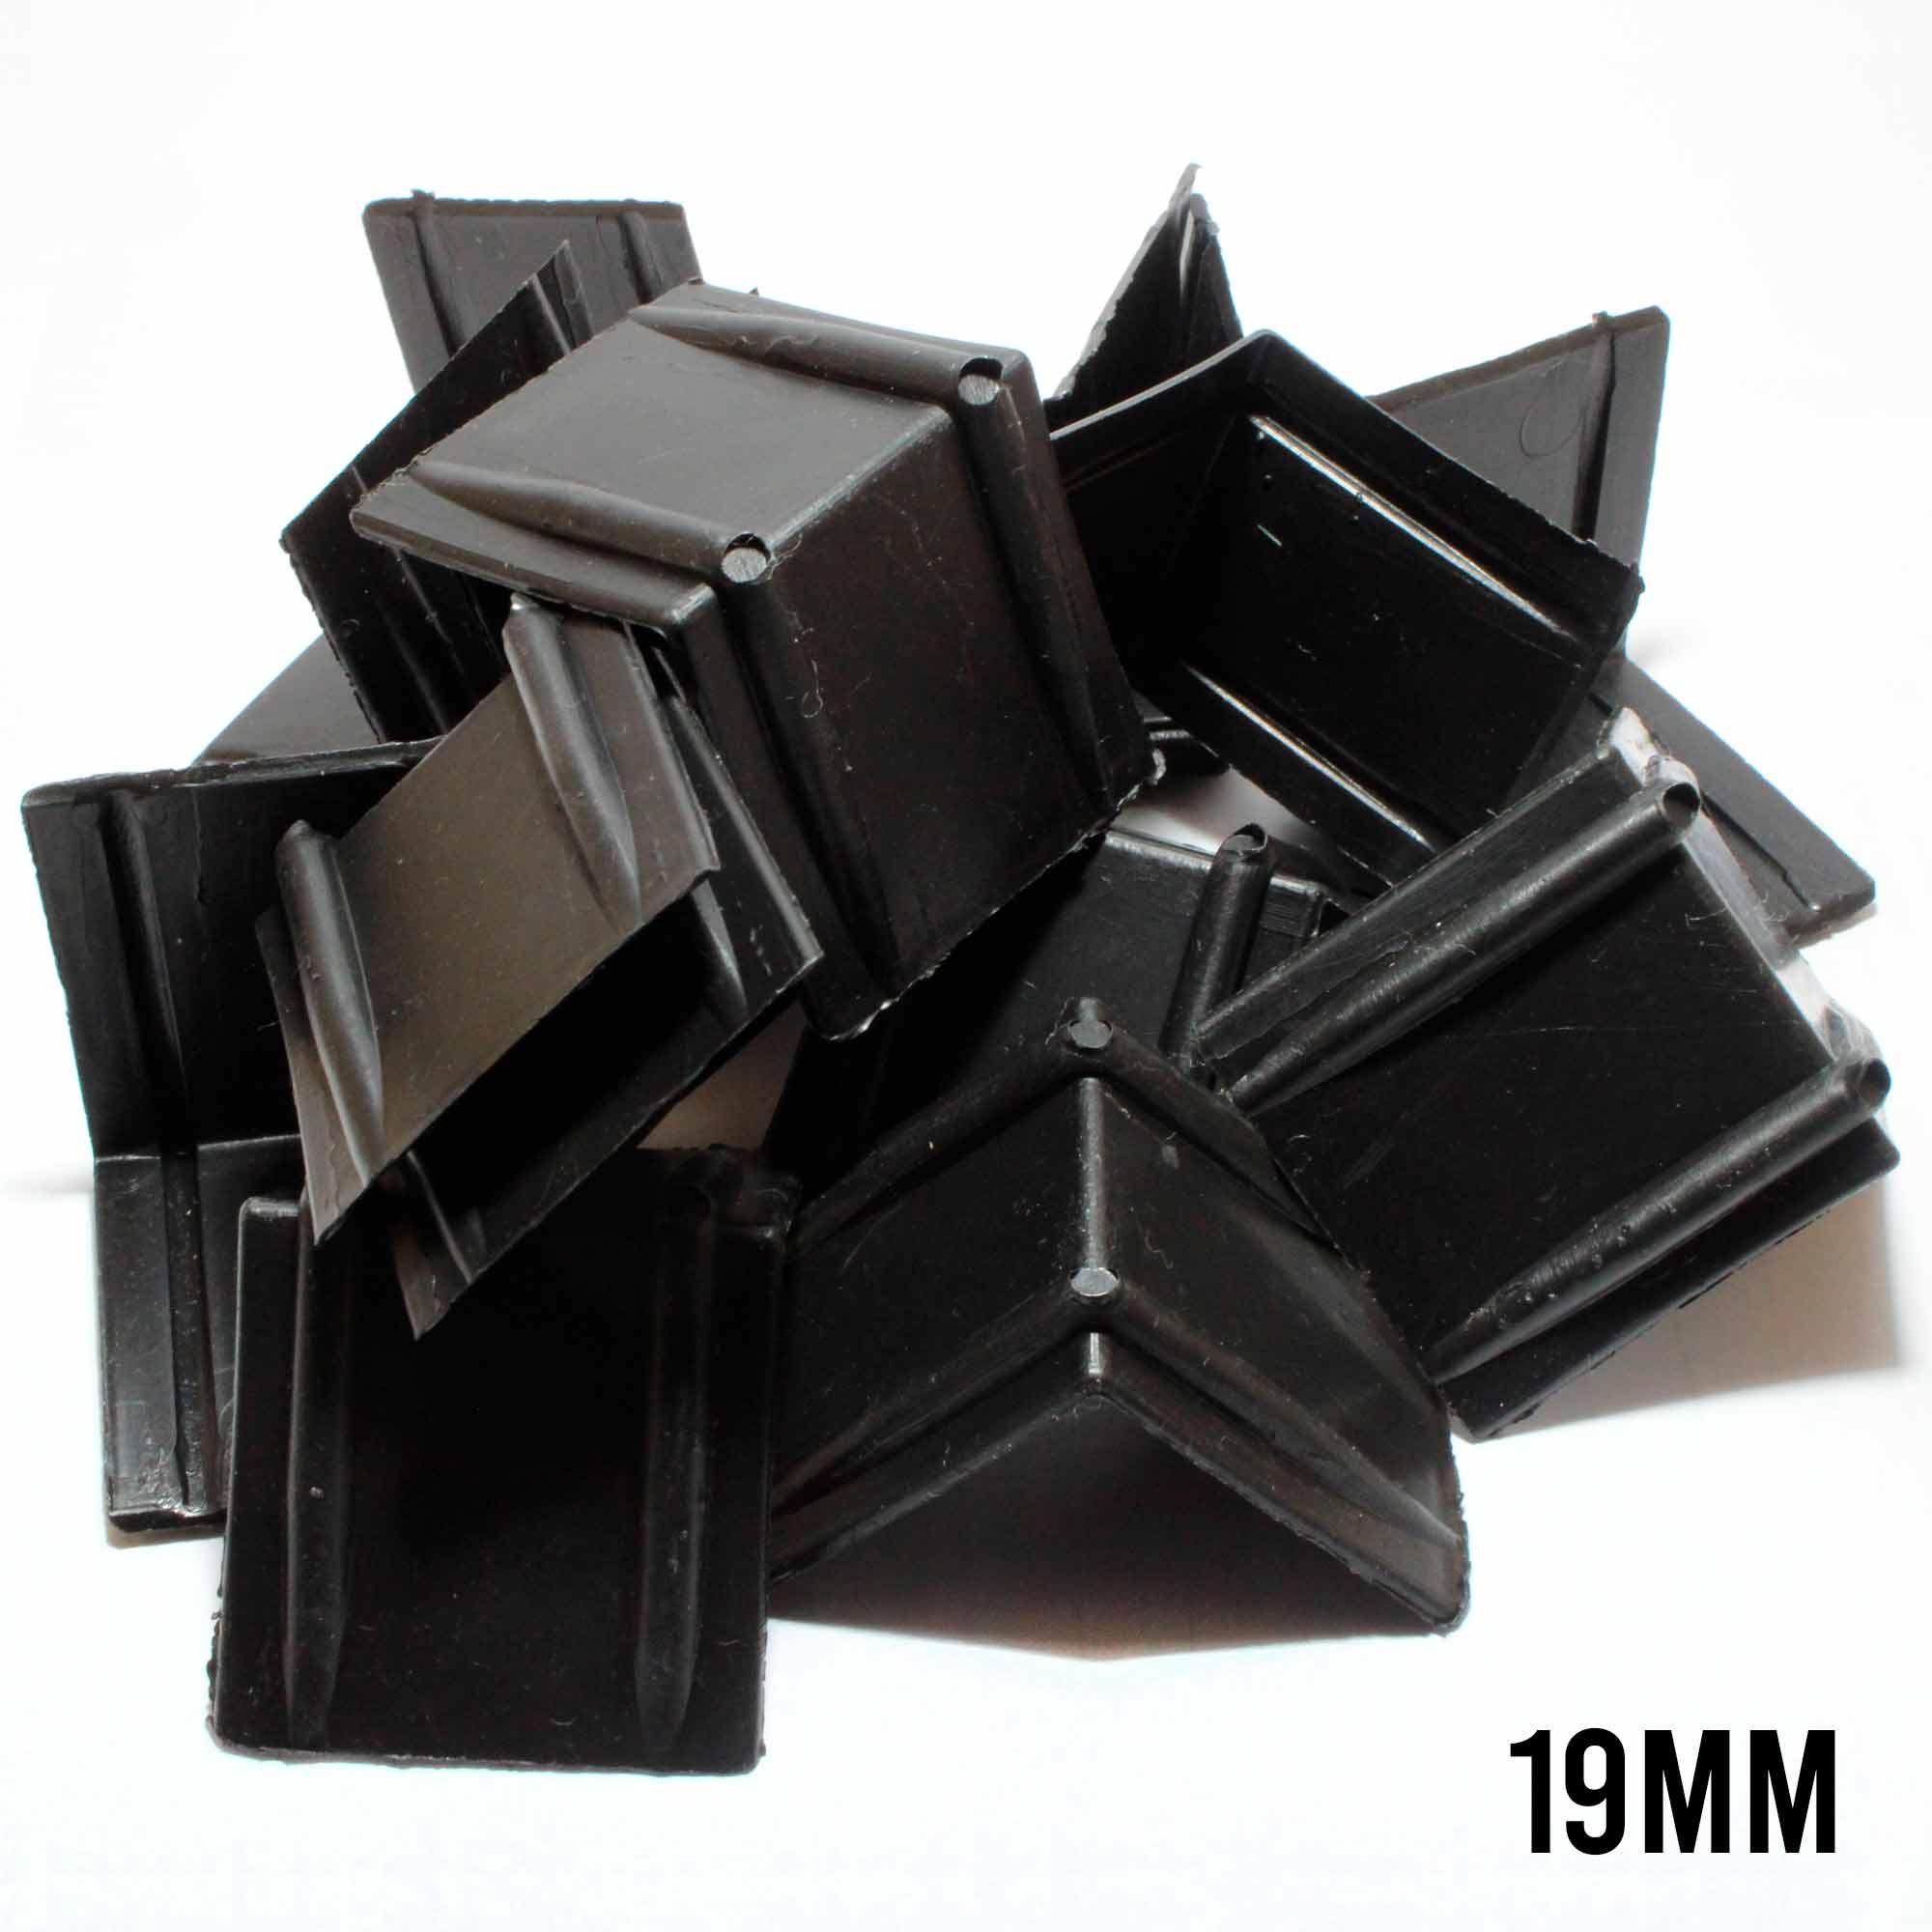 CANTONEIRA PLASTICA 19 MM S/ PINO PT 1000 UN